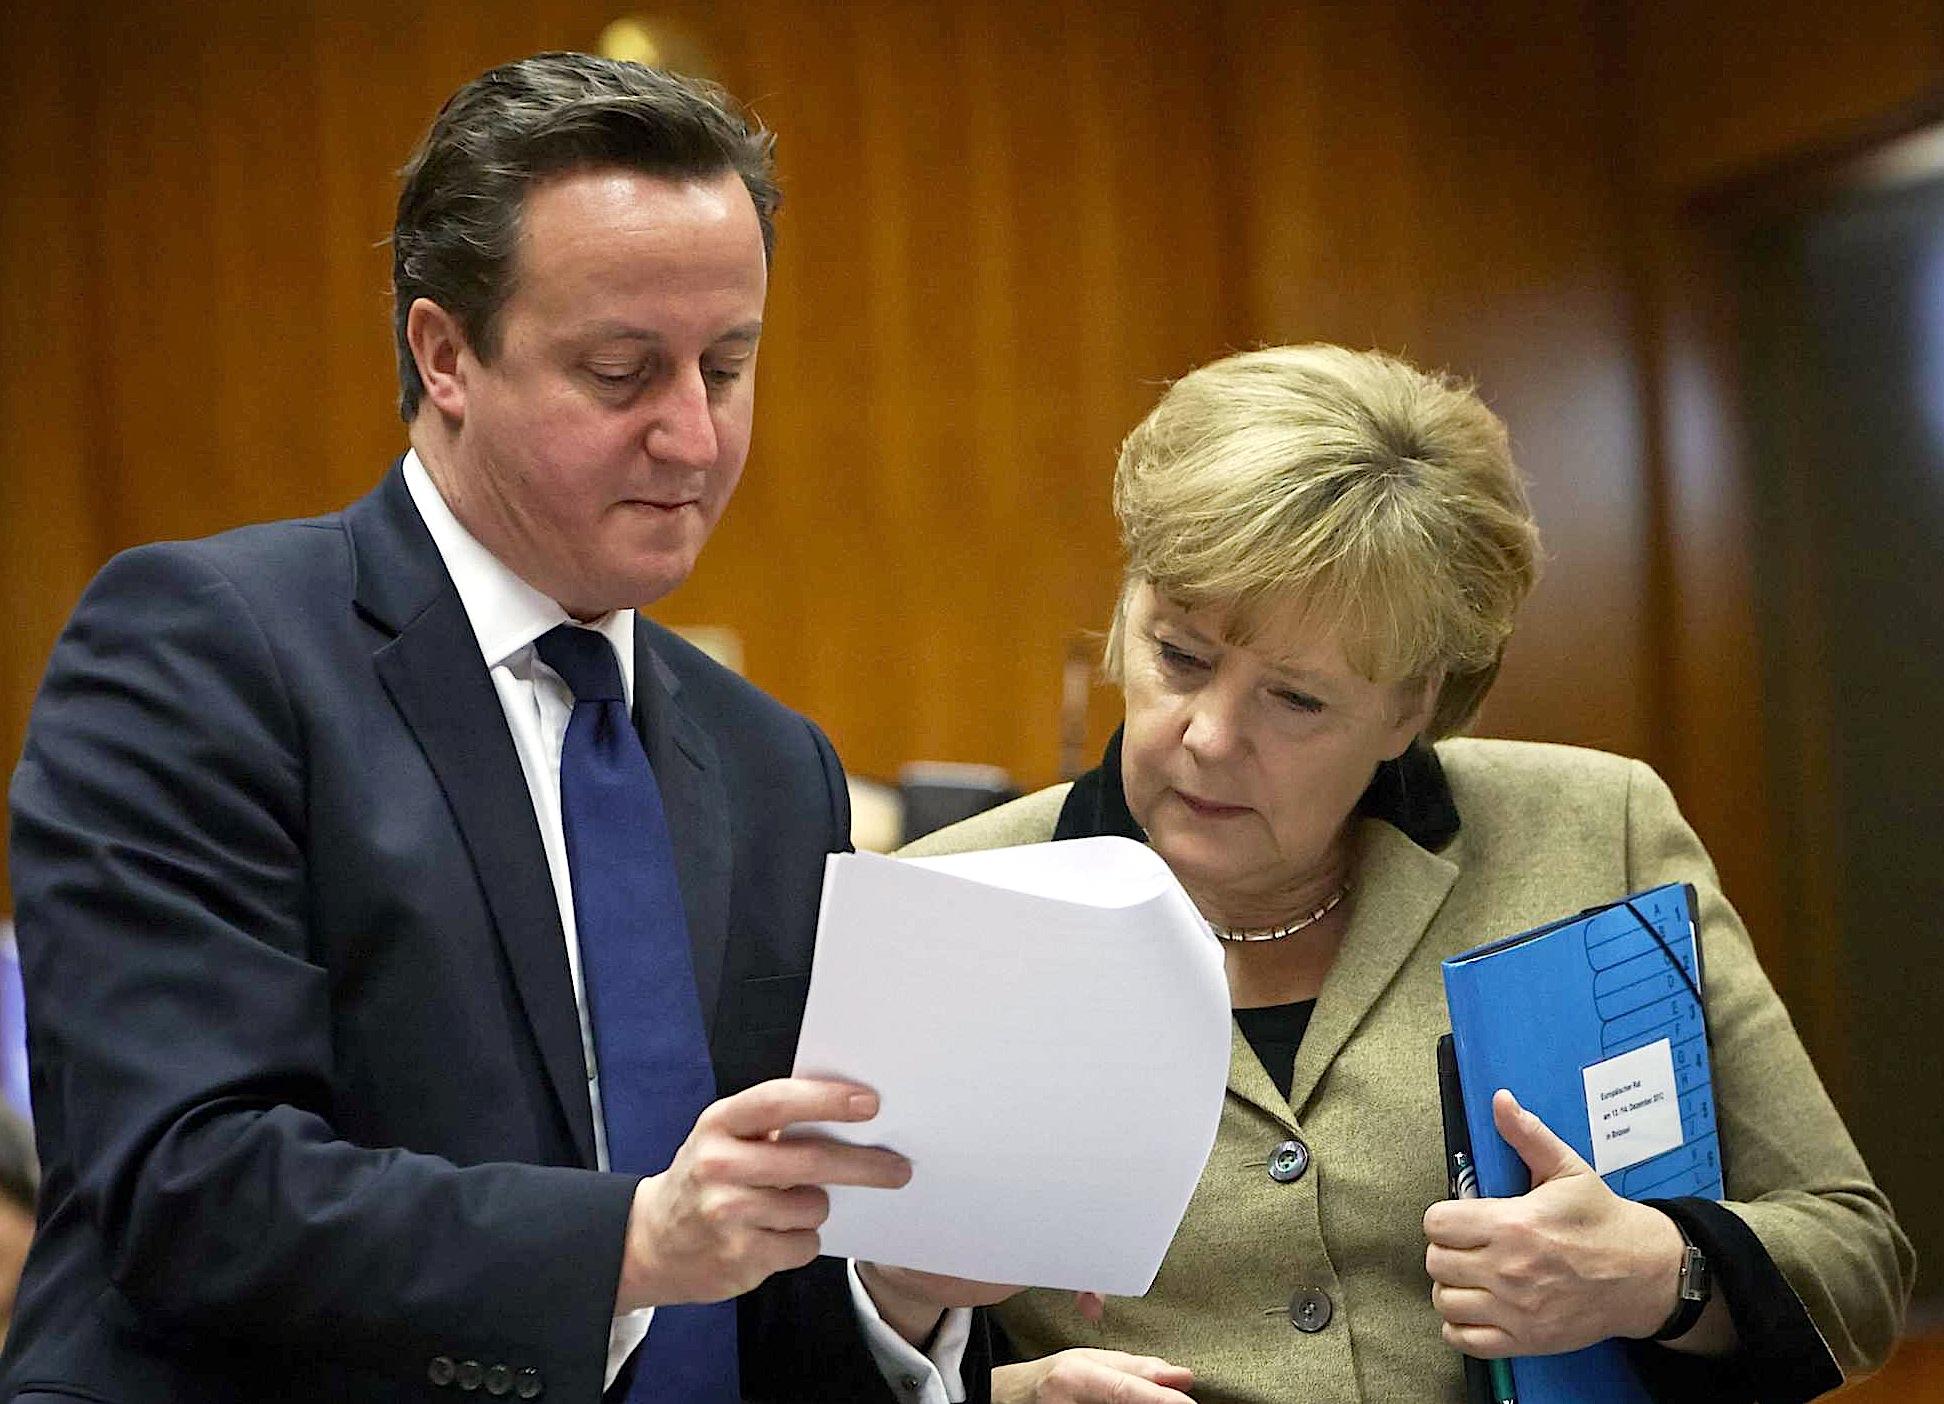 EU observer